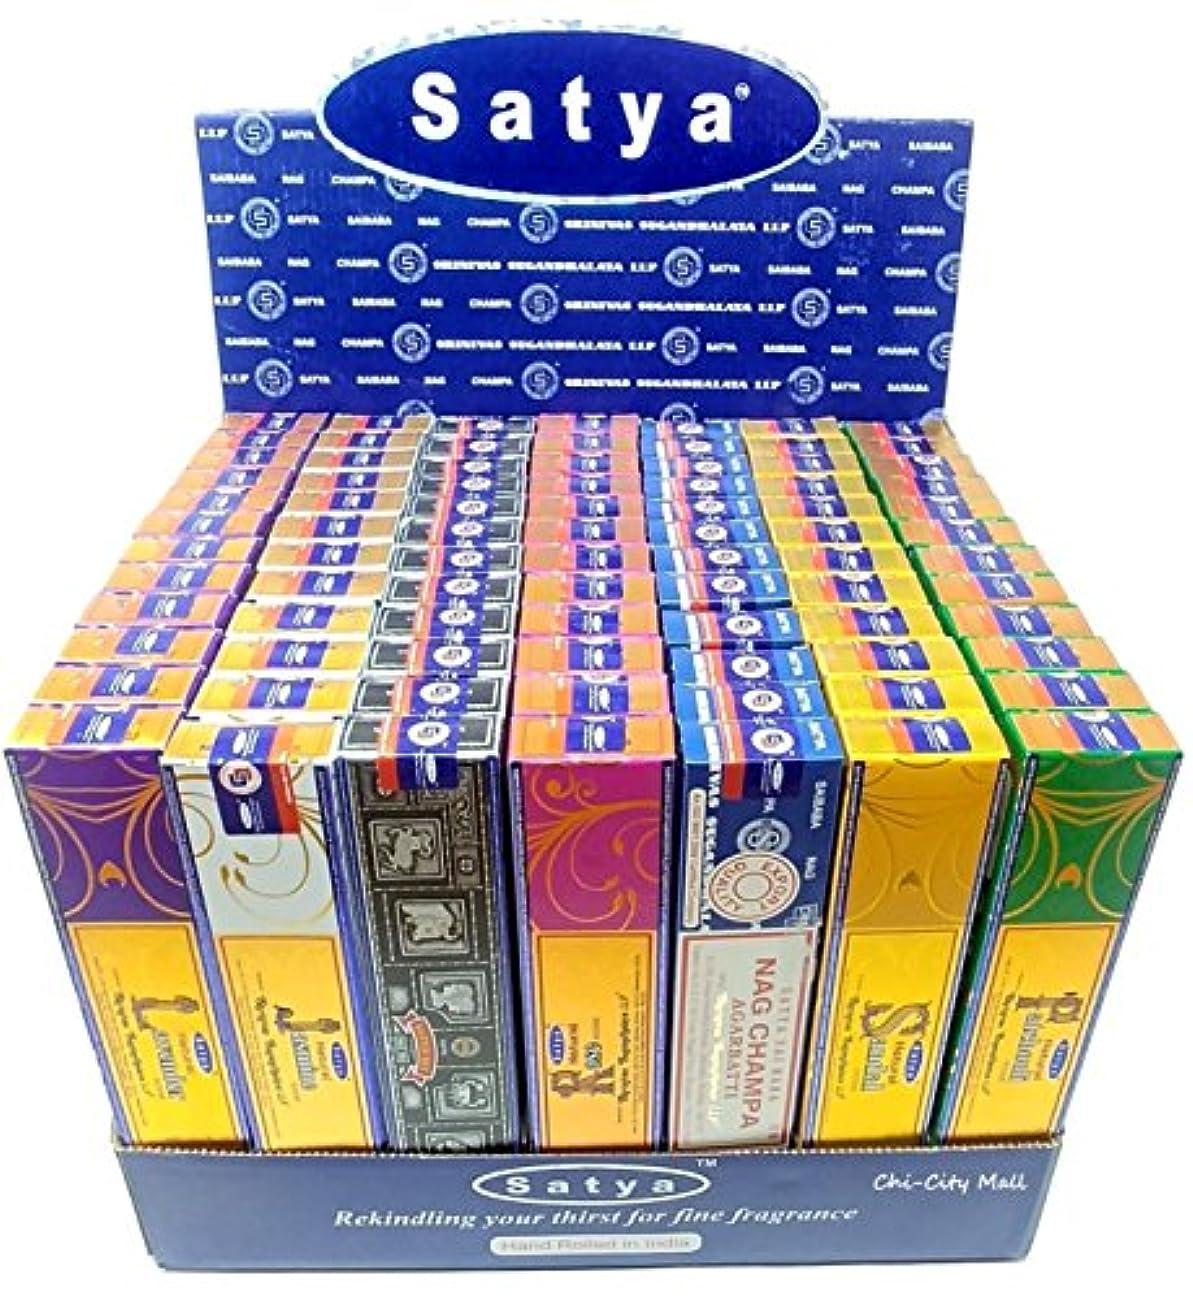 詳細な私たち自身明らかにするchi-city Mall (7-pack/105g) – Satya Nag Champa Incense Sticks |詰め合わせギフトセットシリーズ| hand-rolled Agarbatti | Sai Baba...